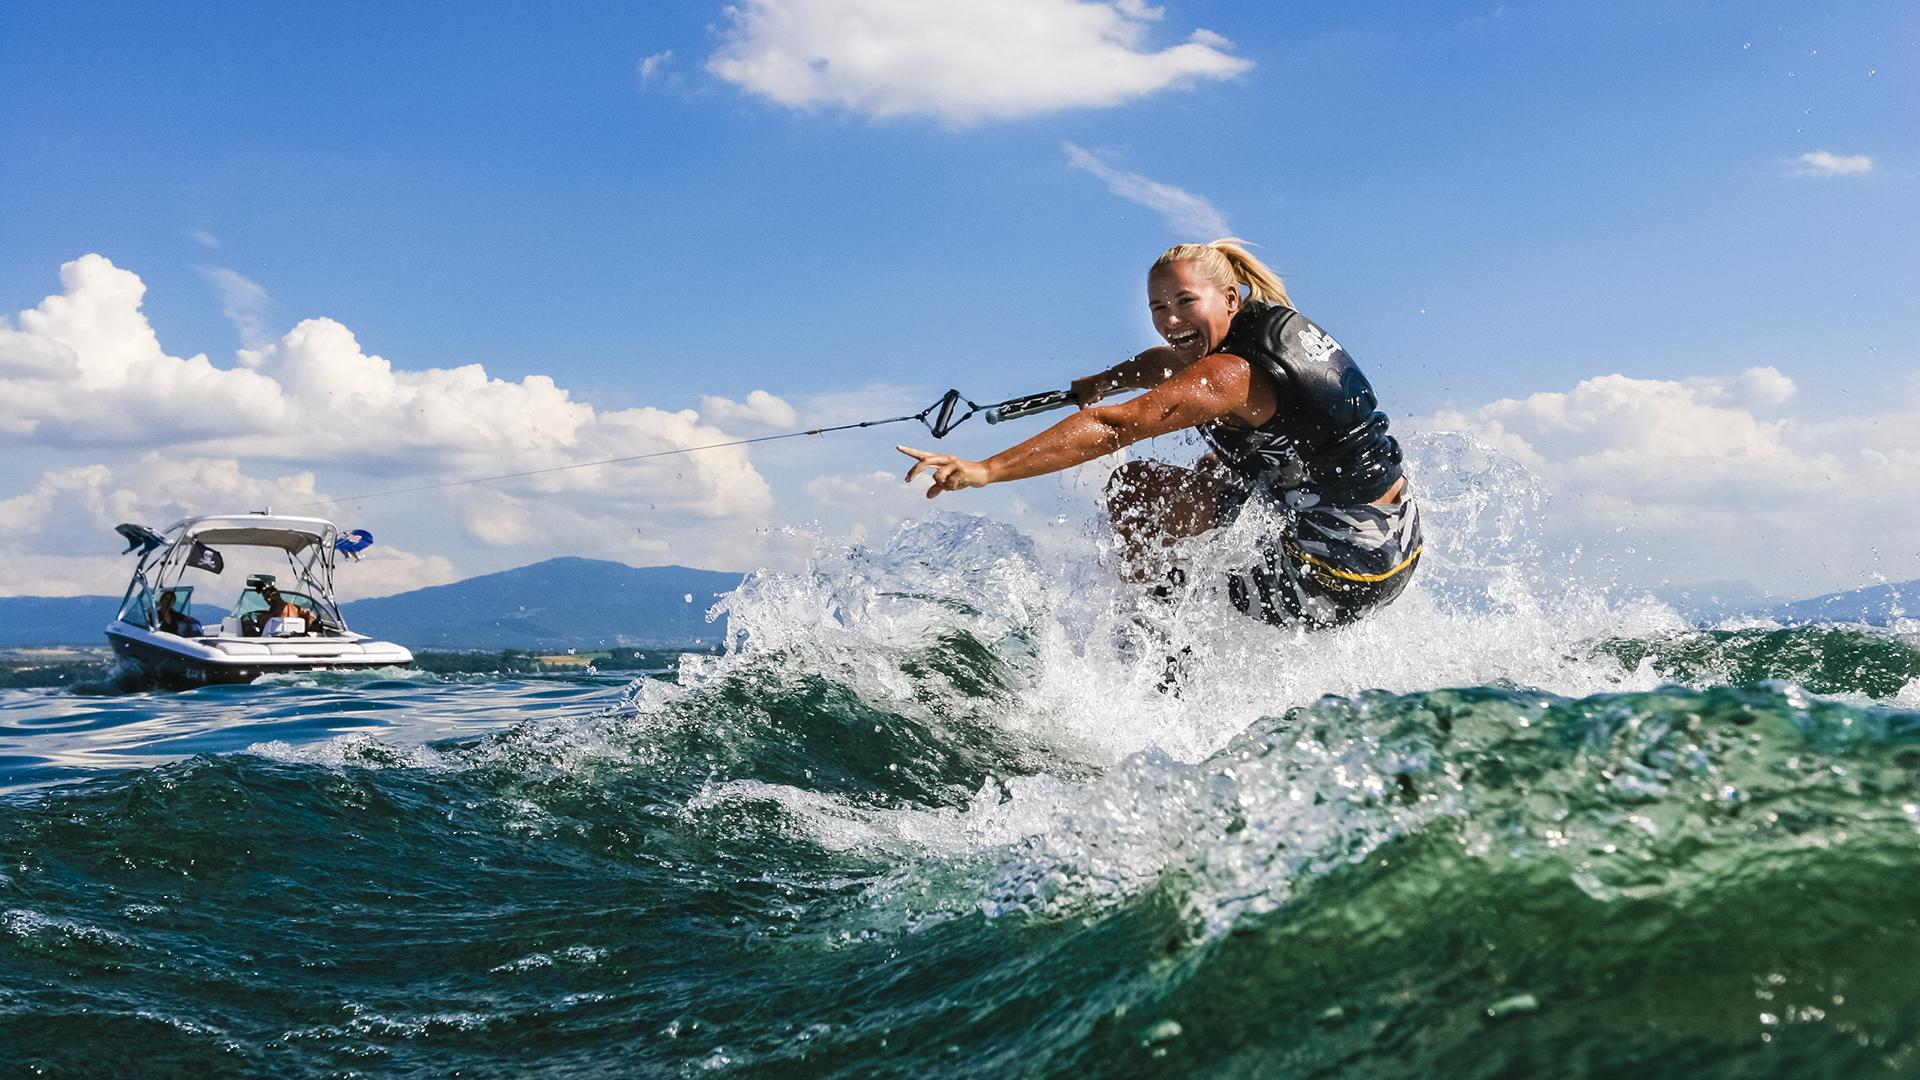 Water Splash Tour - fun with water tube or wake boards